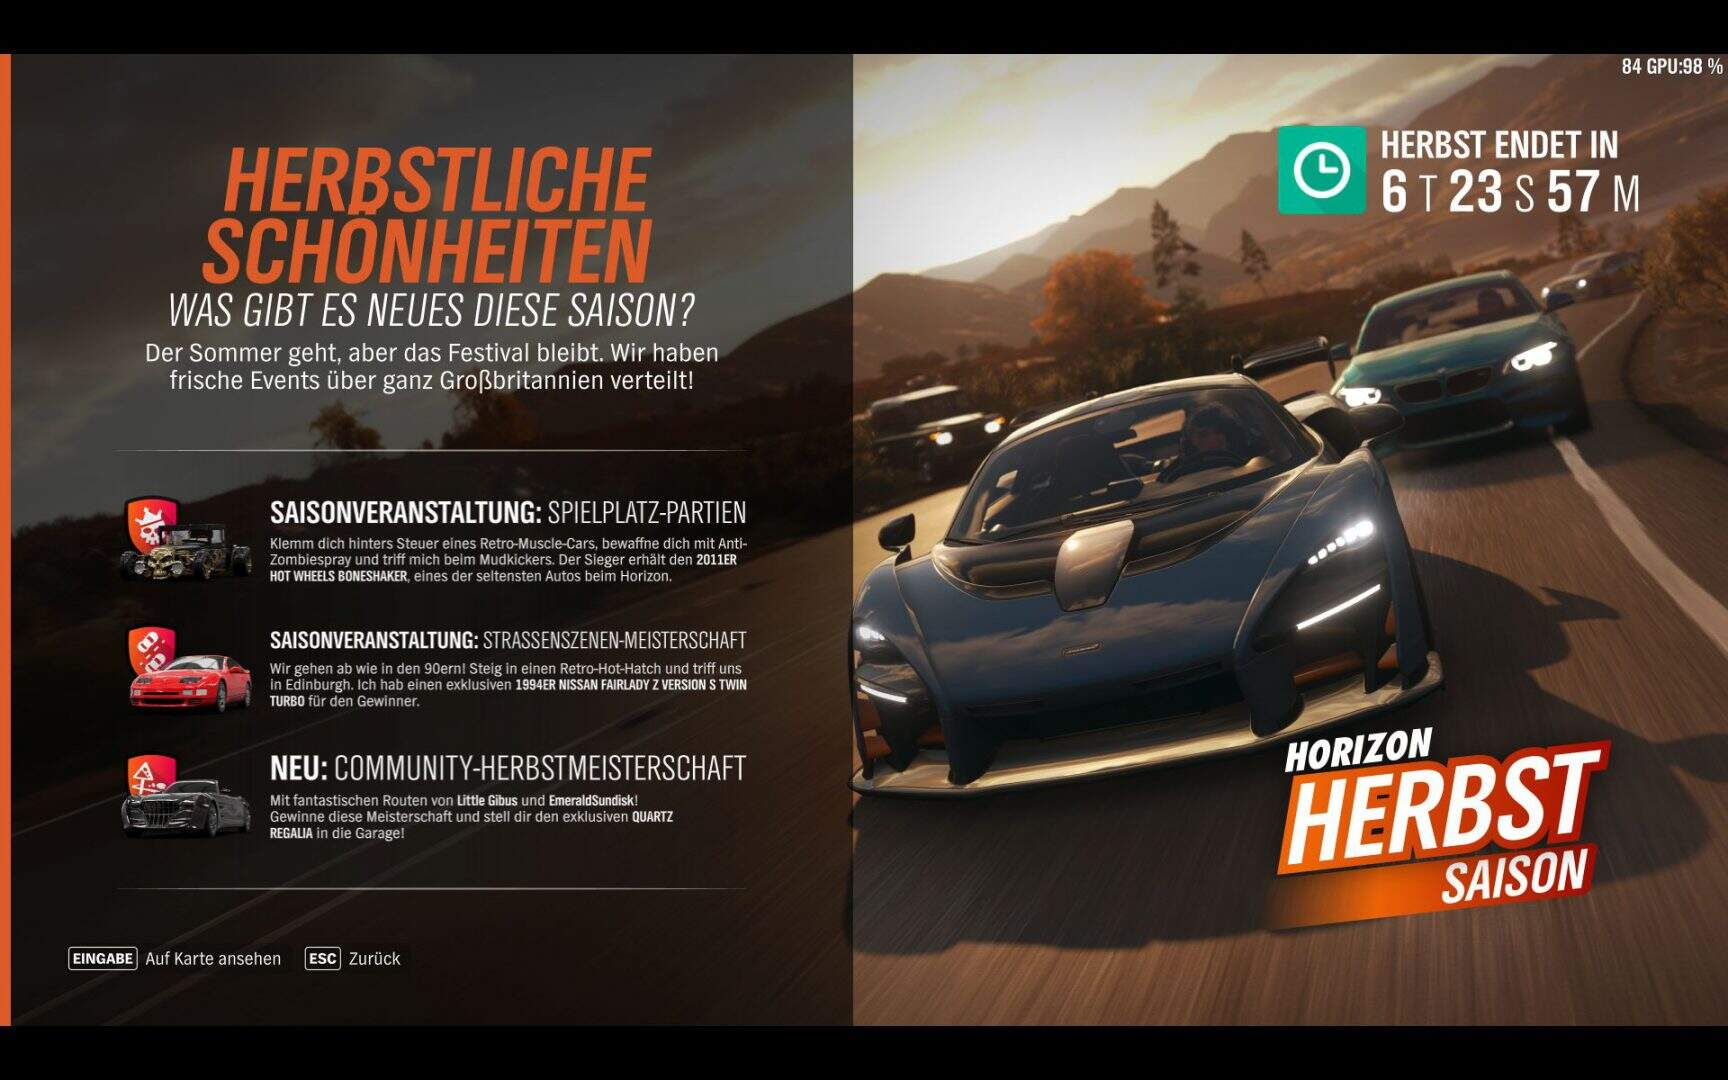 Forza Horizon 4 Aktivitäten KW 08 / 2019 Hauptspiel